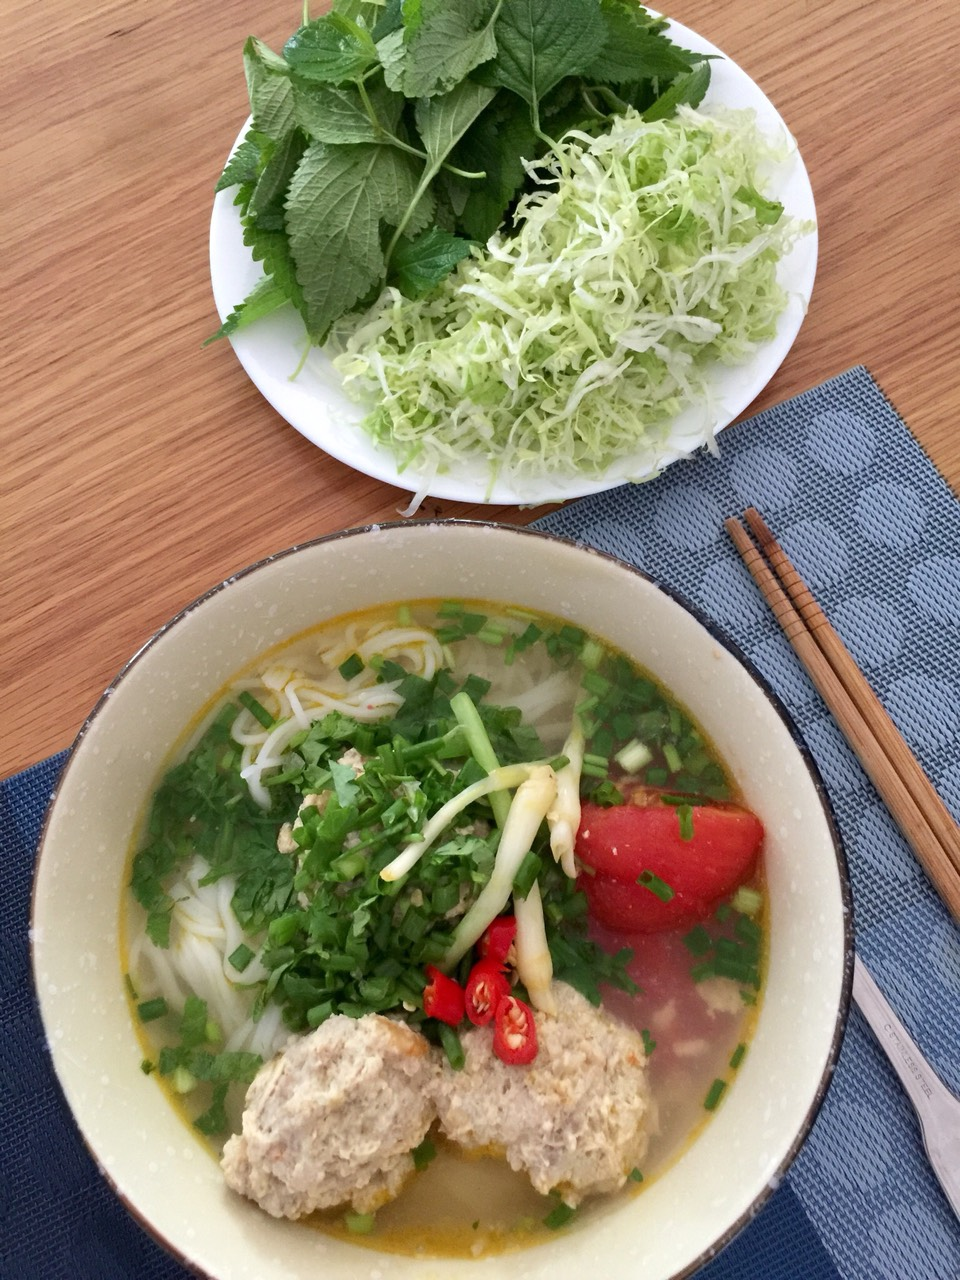 Món ăn đơn giản nấu tại nhà cũng được bày biện hơn cho đỡ nhàm chán.